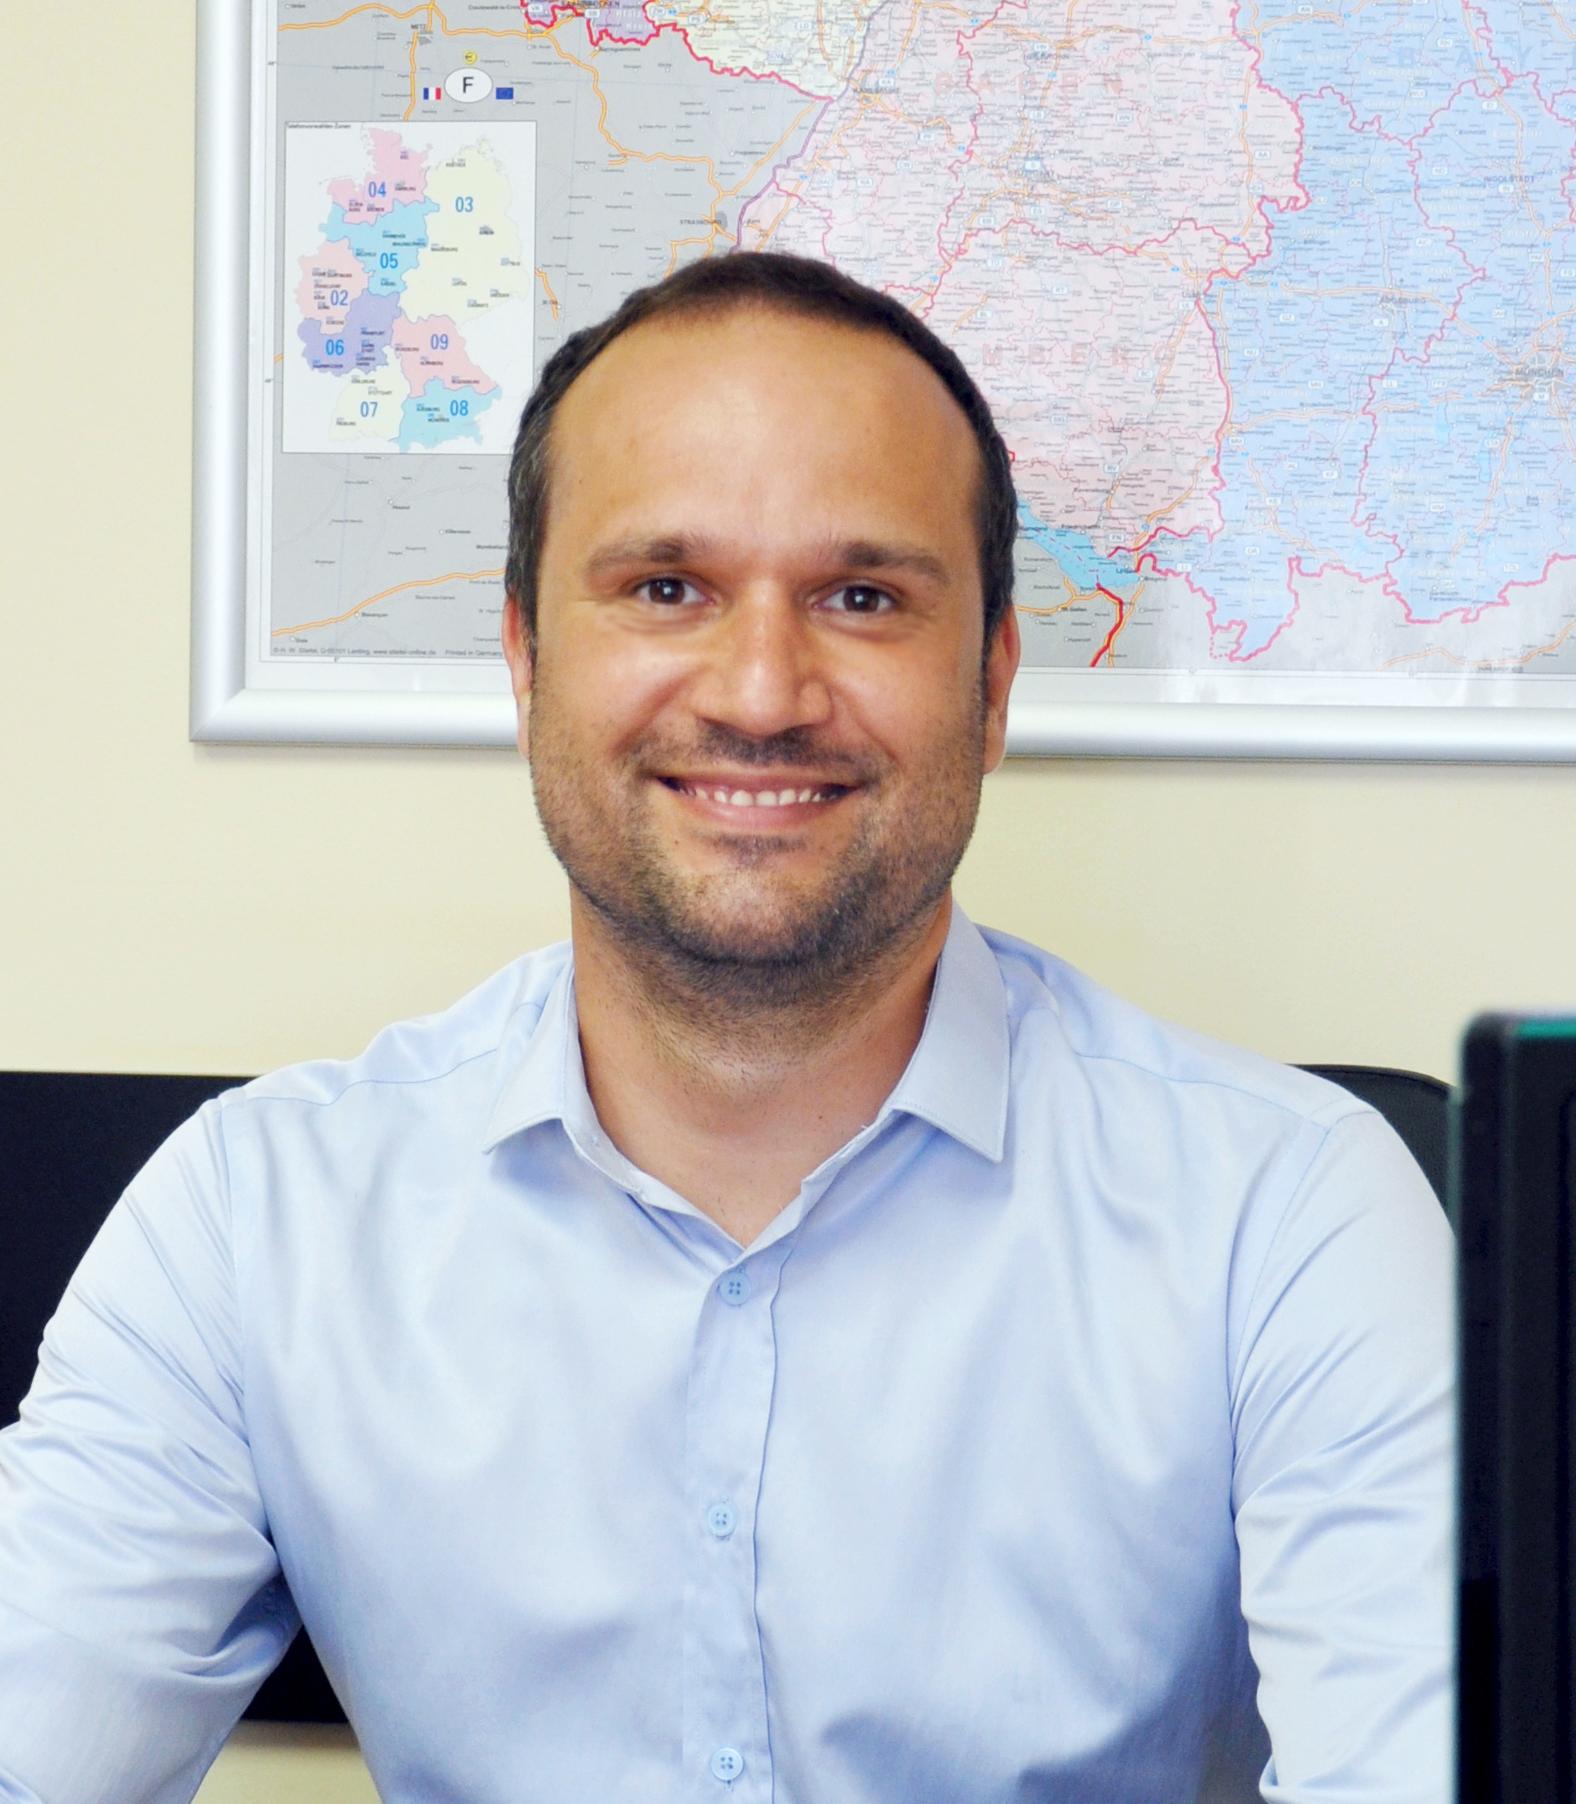 Атанас Велинов : Сервисный Менеджер